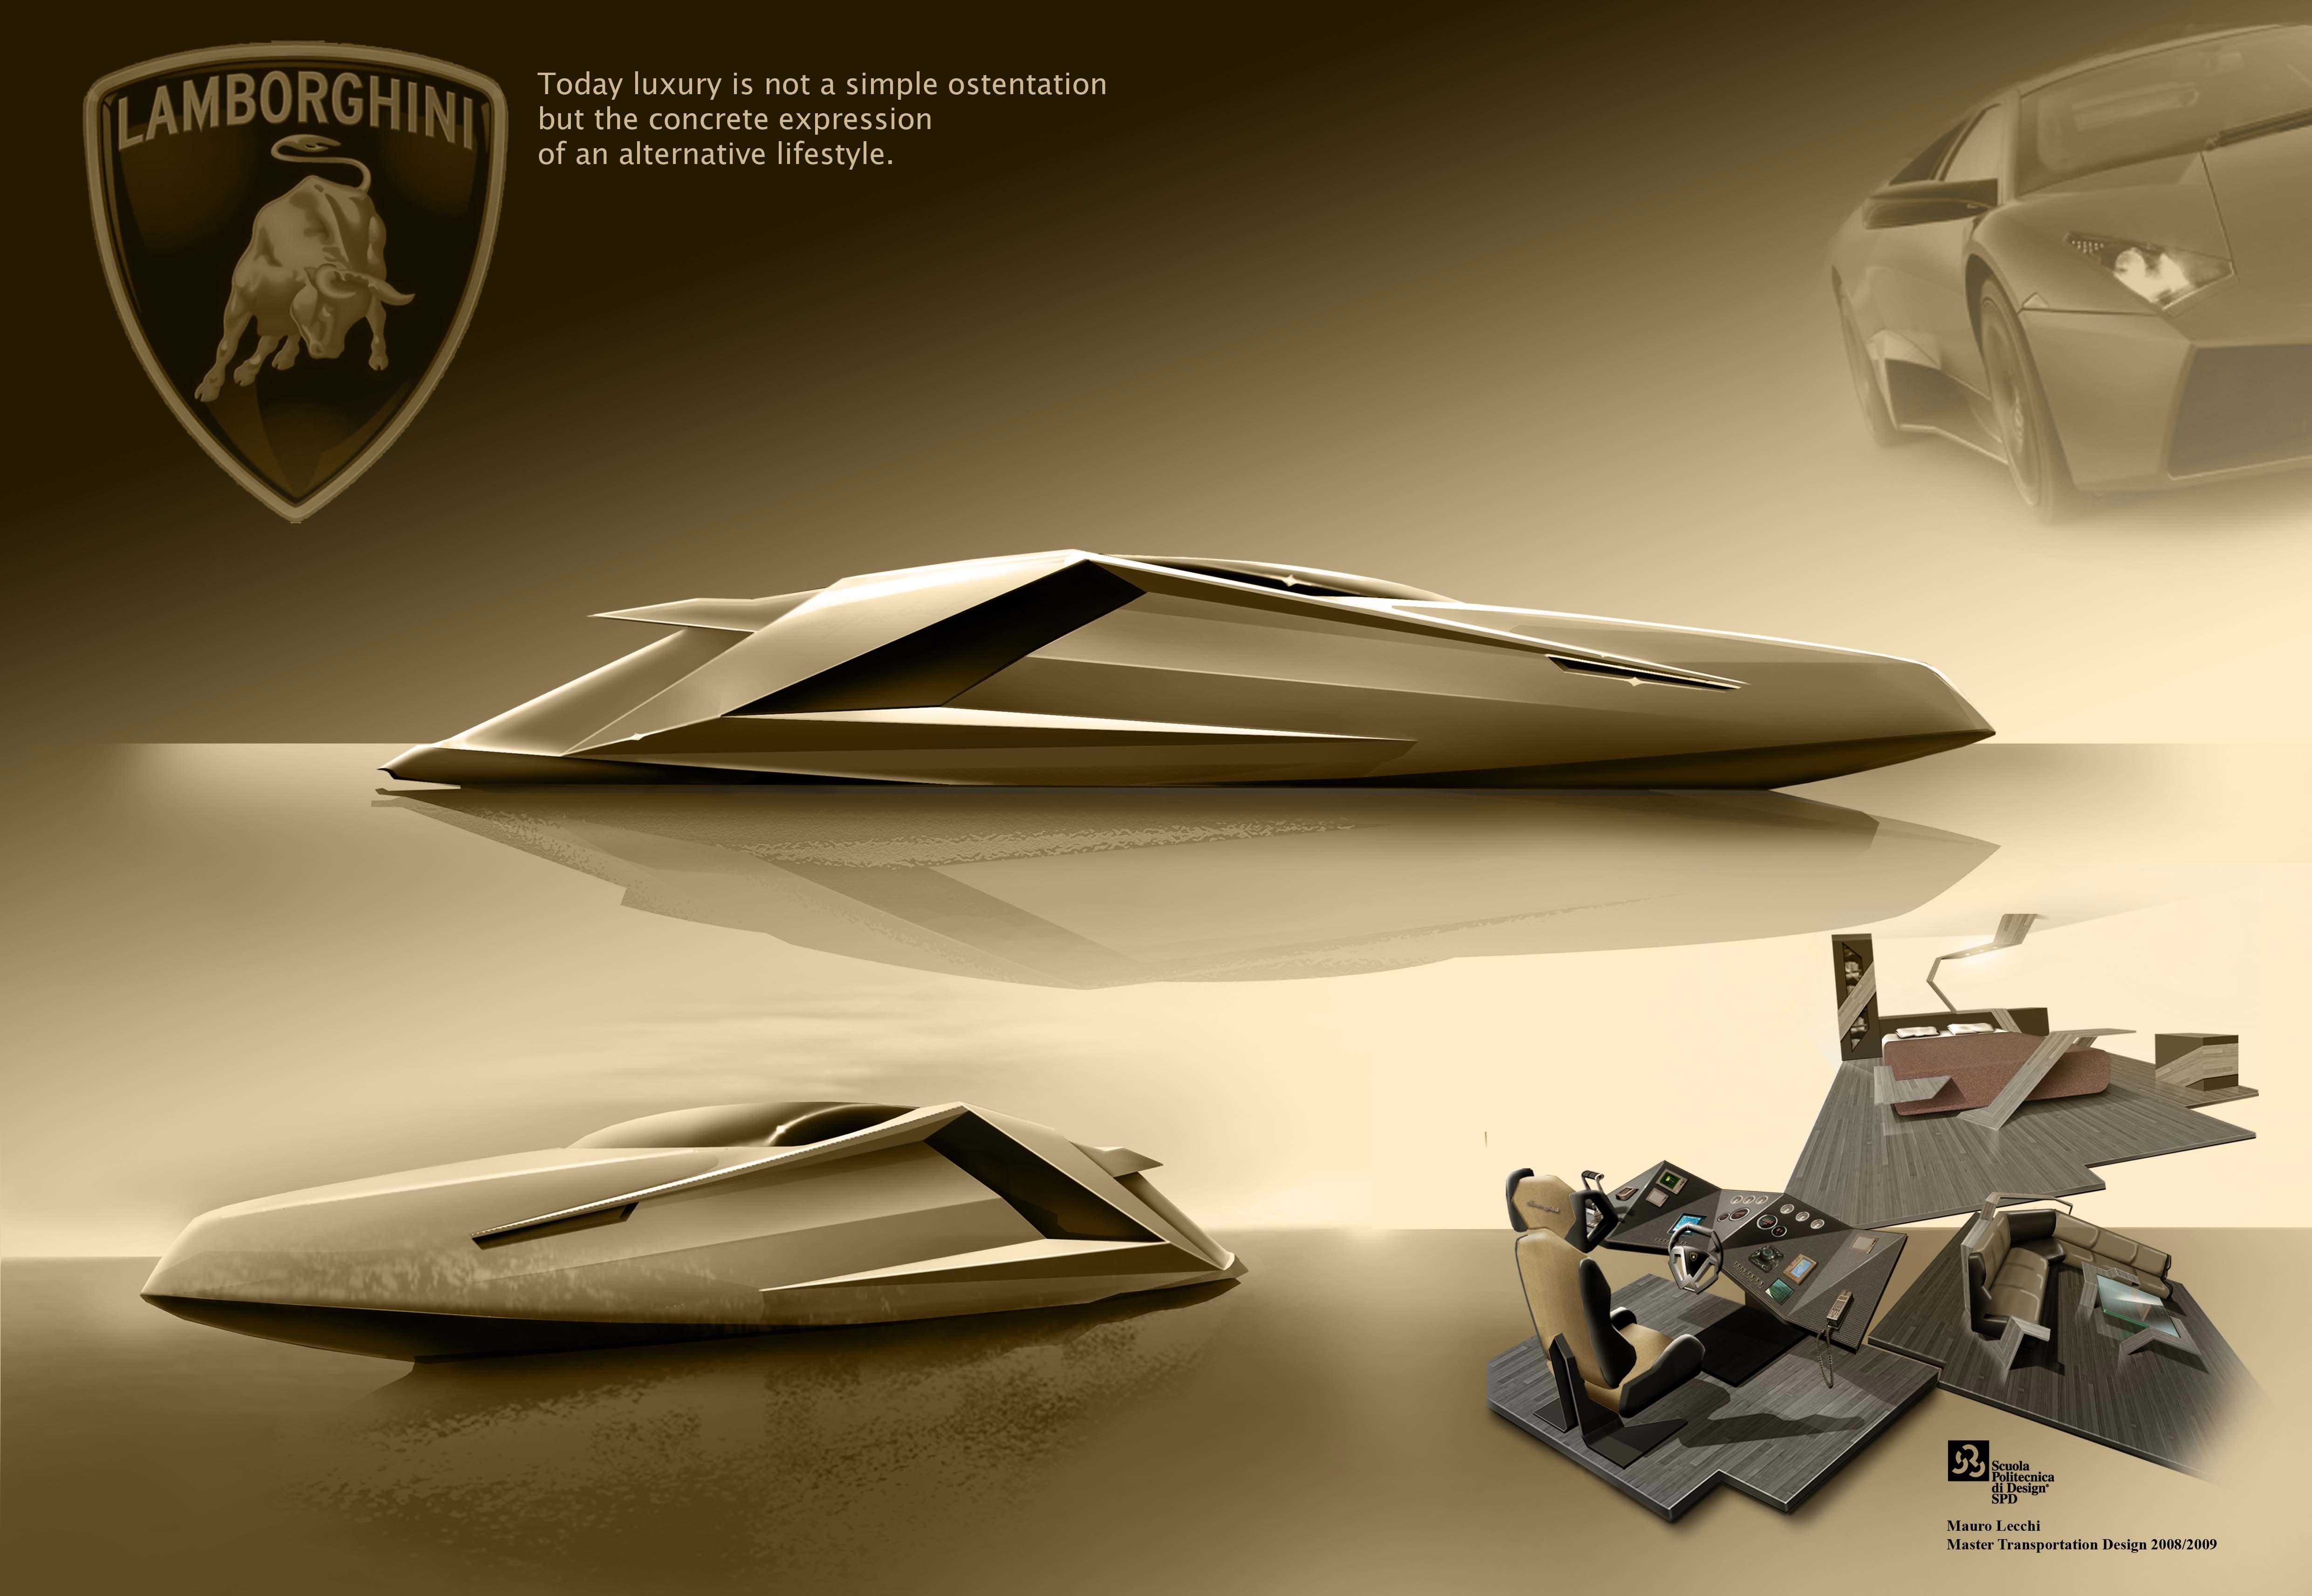 Lamborghini Yacht Concept by Mauro Lecchi 7